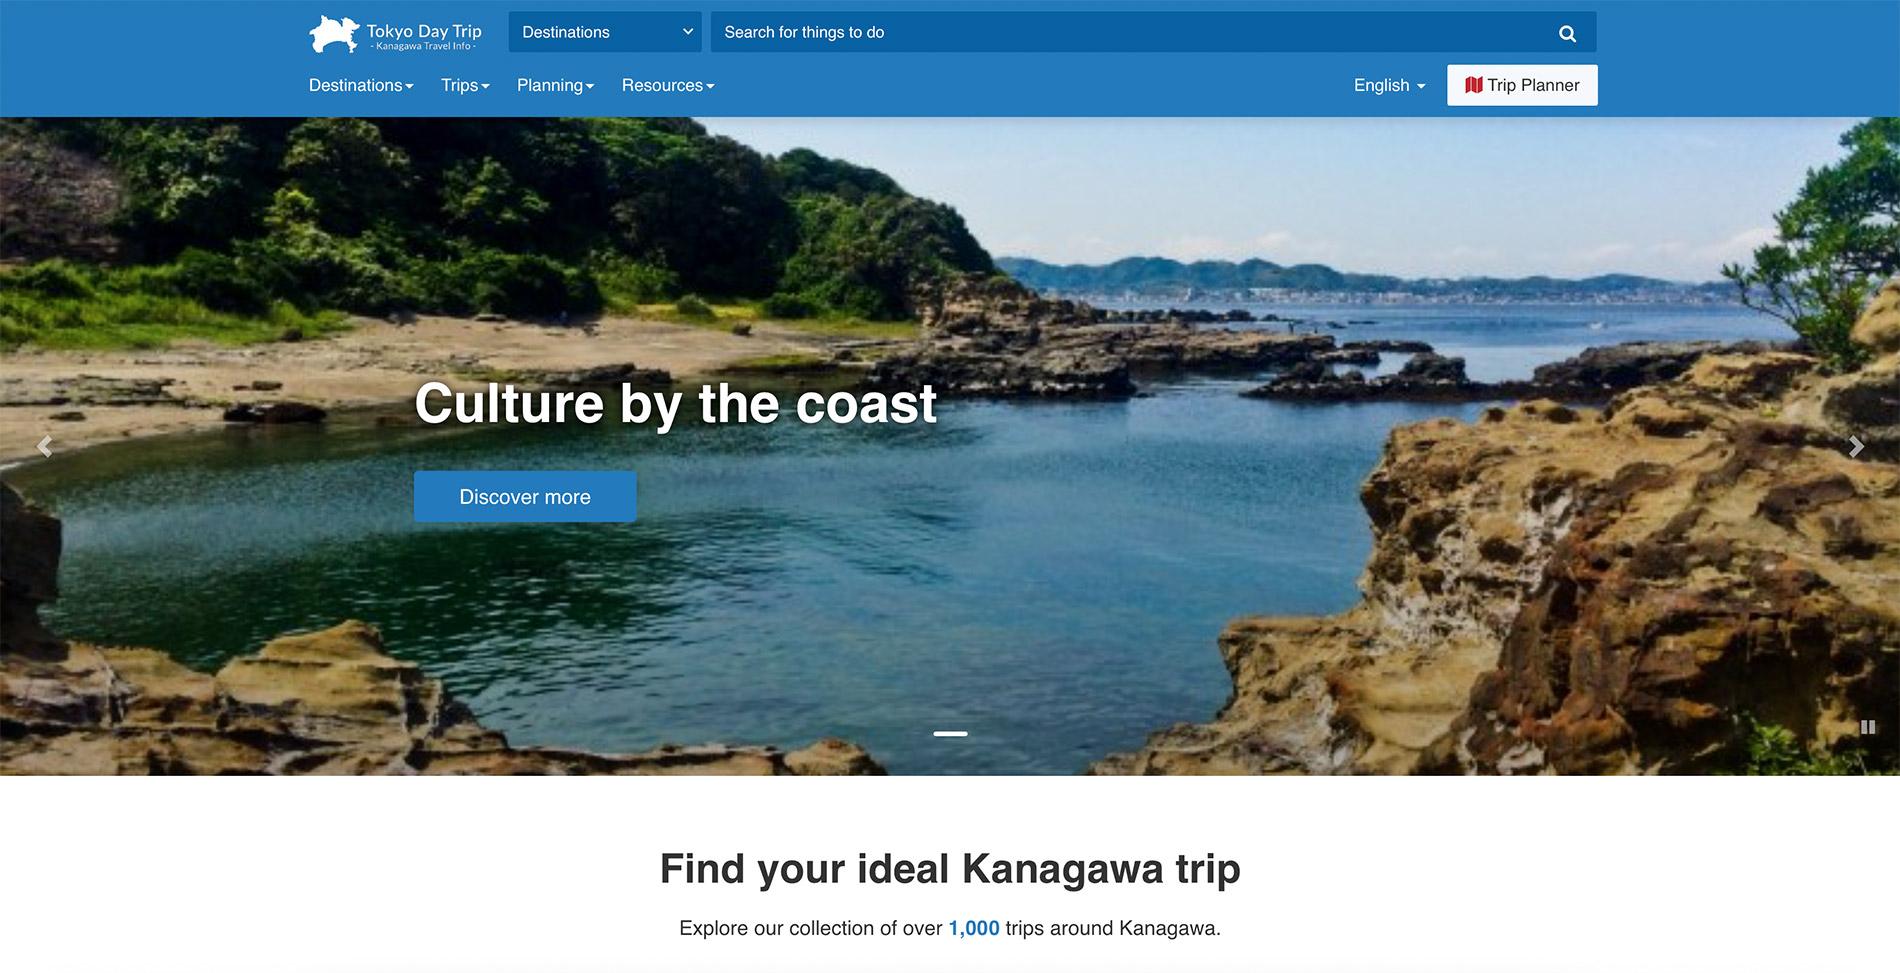 Die englische Webseite des Tourismusverbandes der Präfektur Kanagawa.